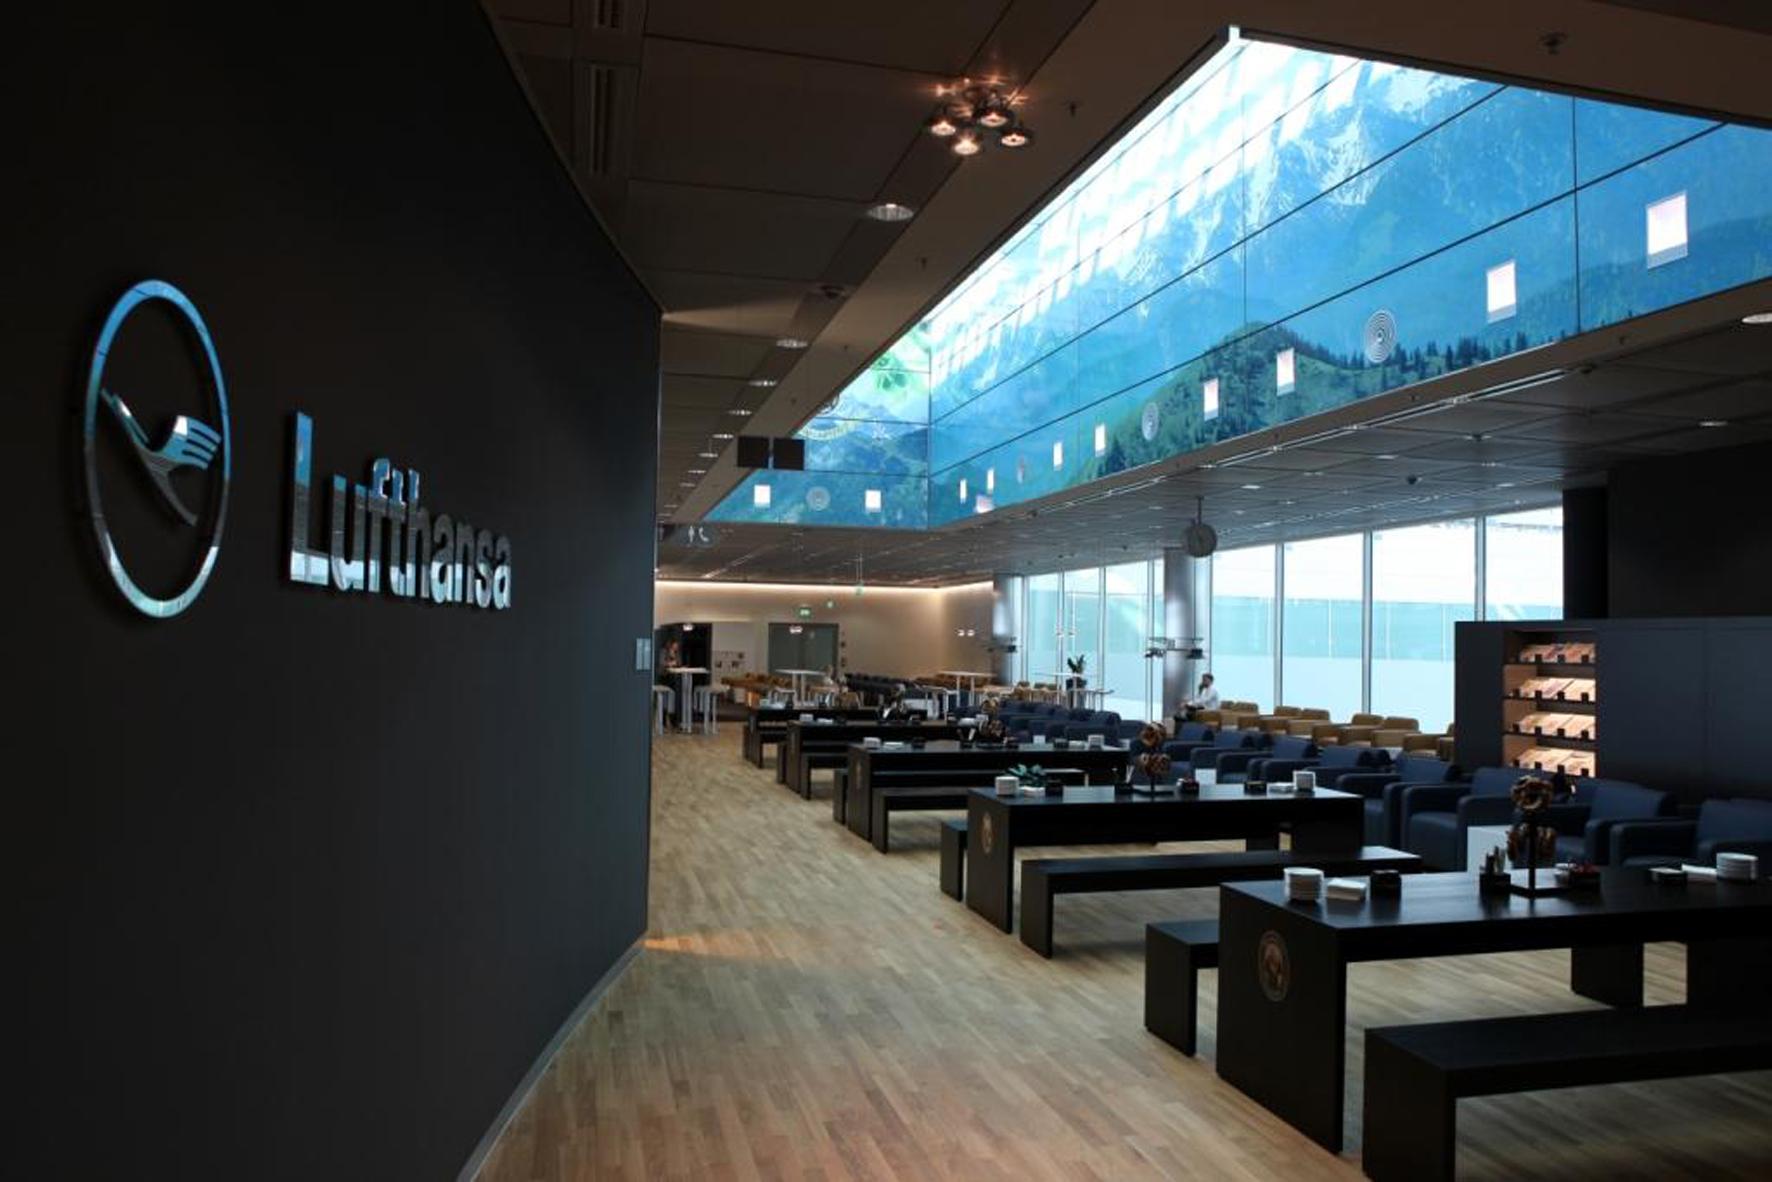 http://www.vielflieger-lounges.de/wp-content/uploads/2012/01/Lufthansa-Business-Lounge.jpg